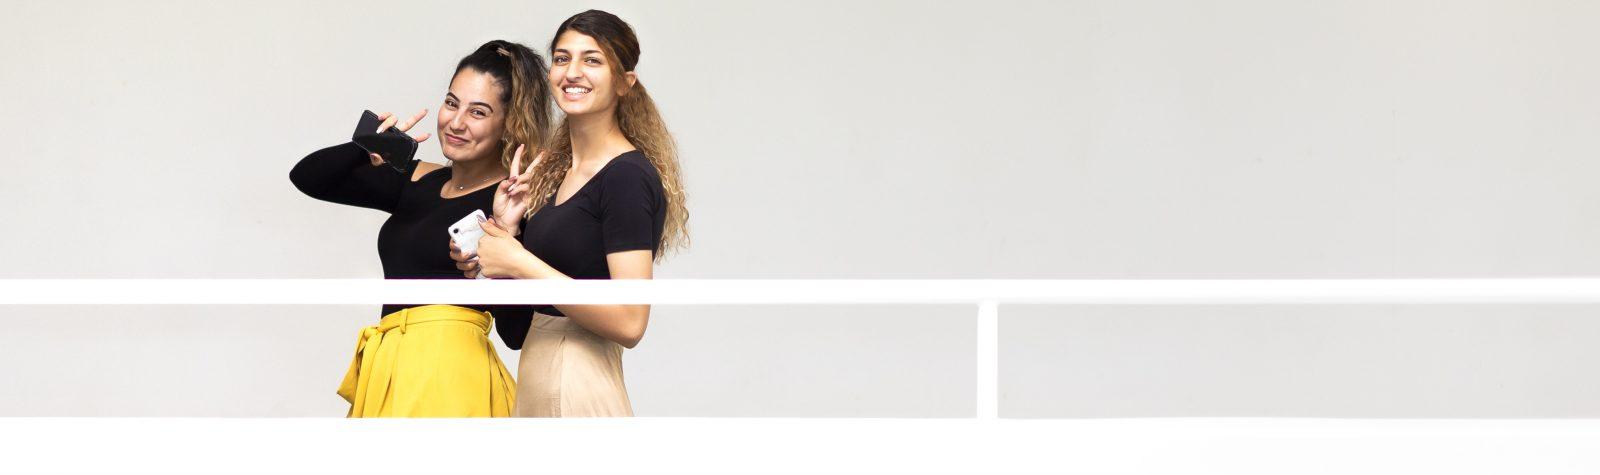 To elever smiler til fotografen fra den anden side af gangen